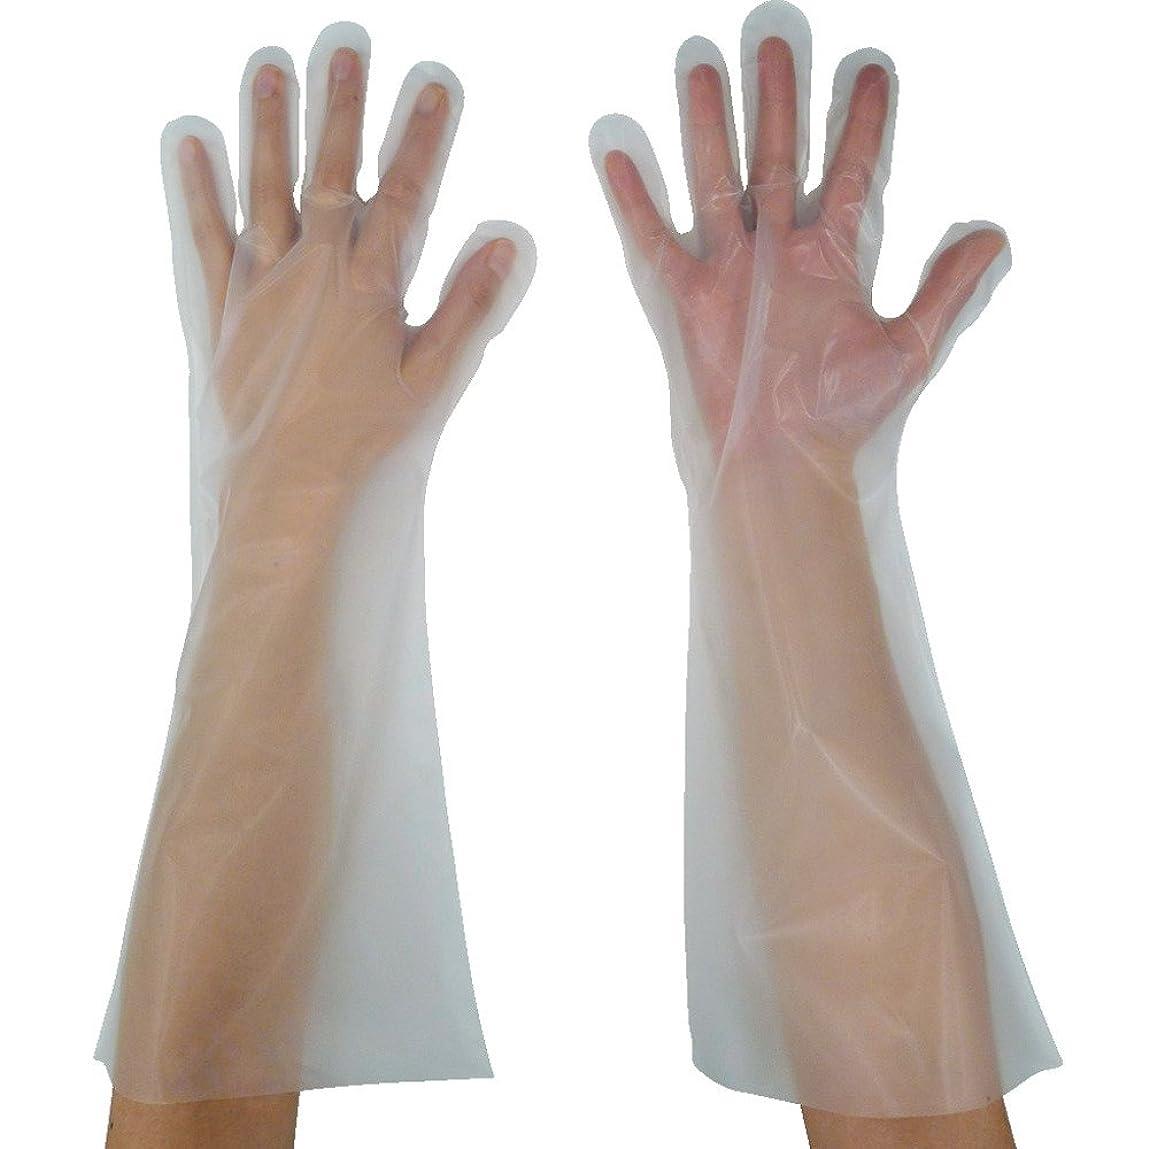 導出バルセロナスキム東京パック 緊急災害対策用手袋ロング五本絞りS 半透明 KL-S ポリエチレン使い捨て手袋